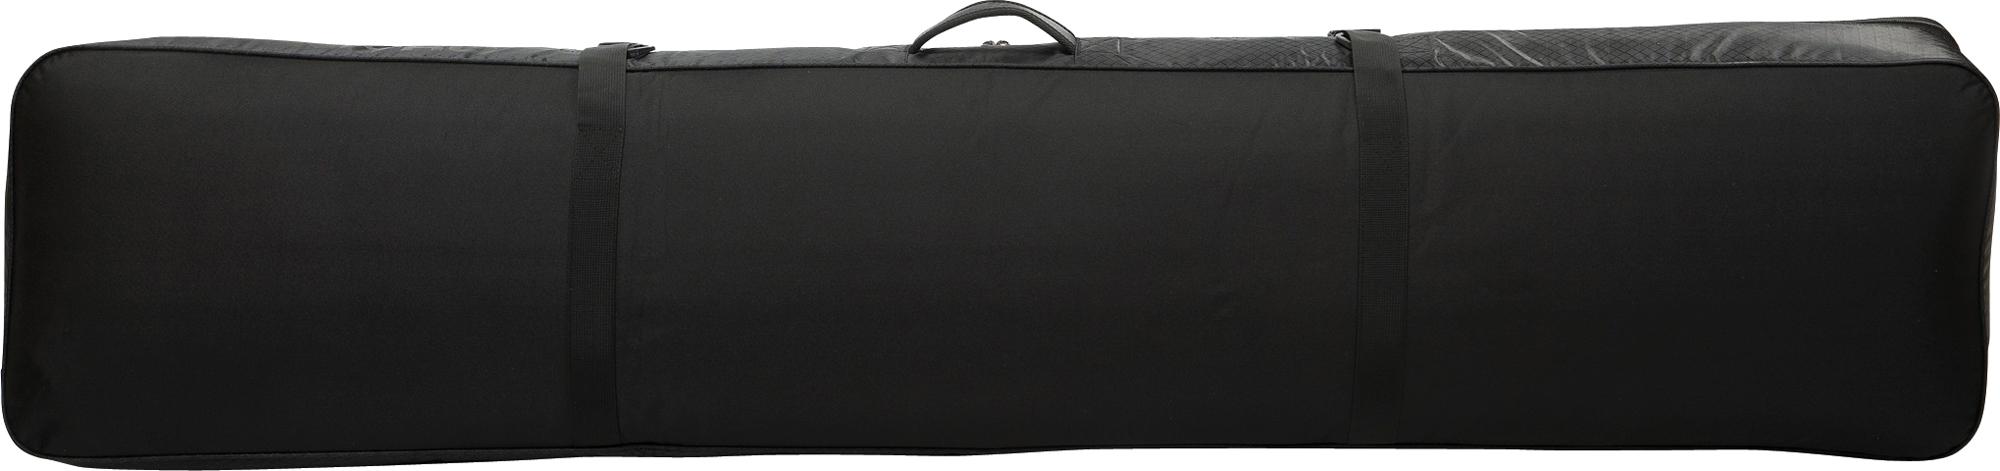 Nitro obal na snowboard Cargo Board Bag Jet Black 17/18 Délka obalu: 159cm